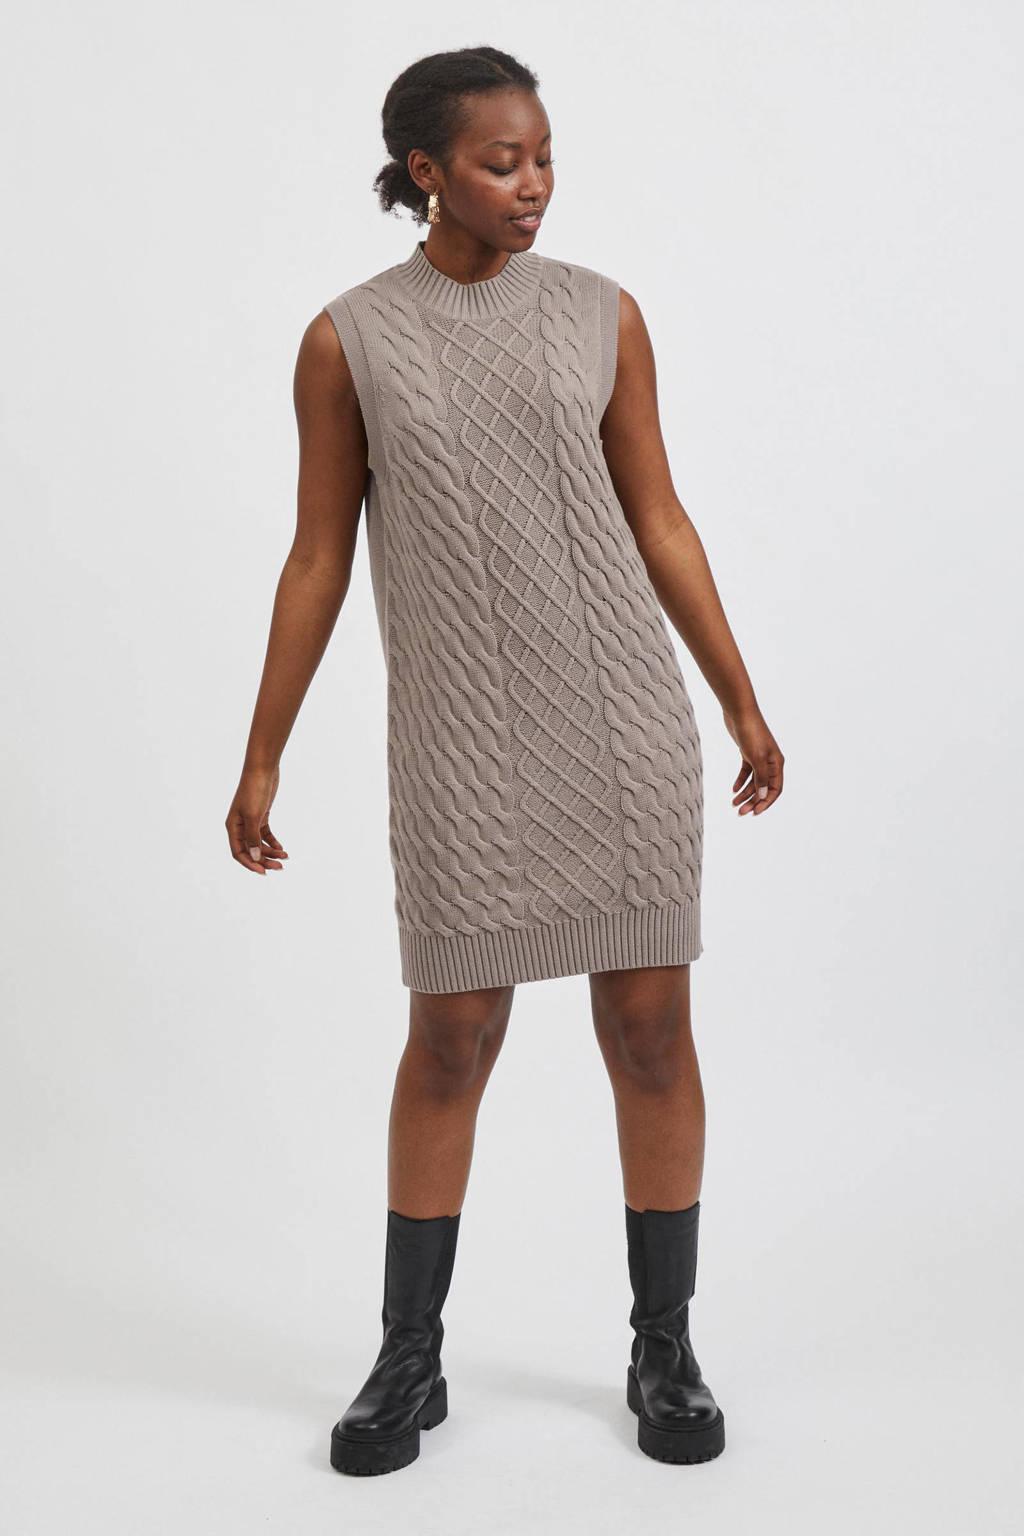 VILA gebreide jurk VIZURI met biologisch katoen taupe, Taupe